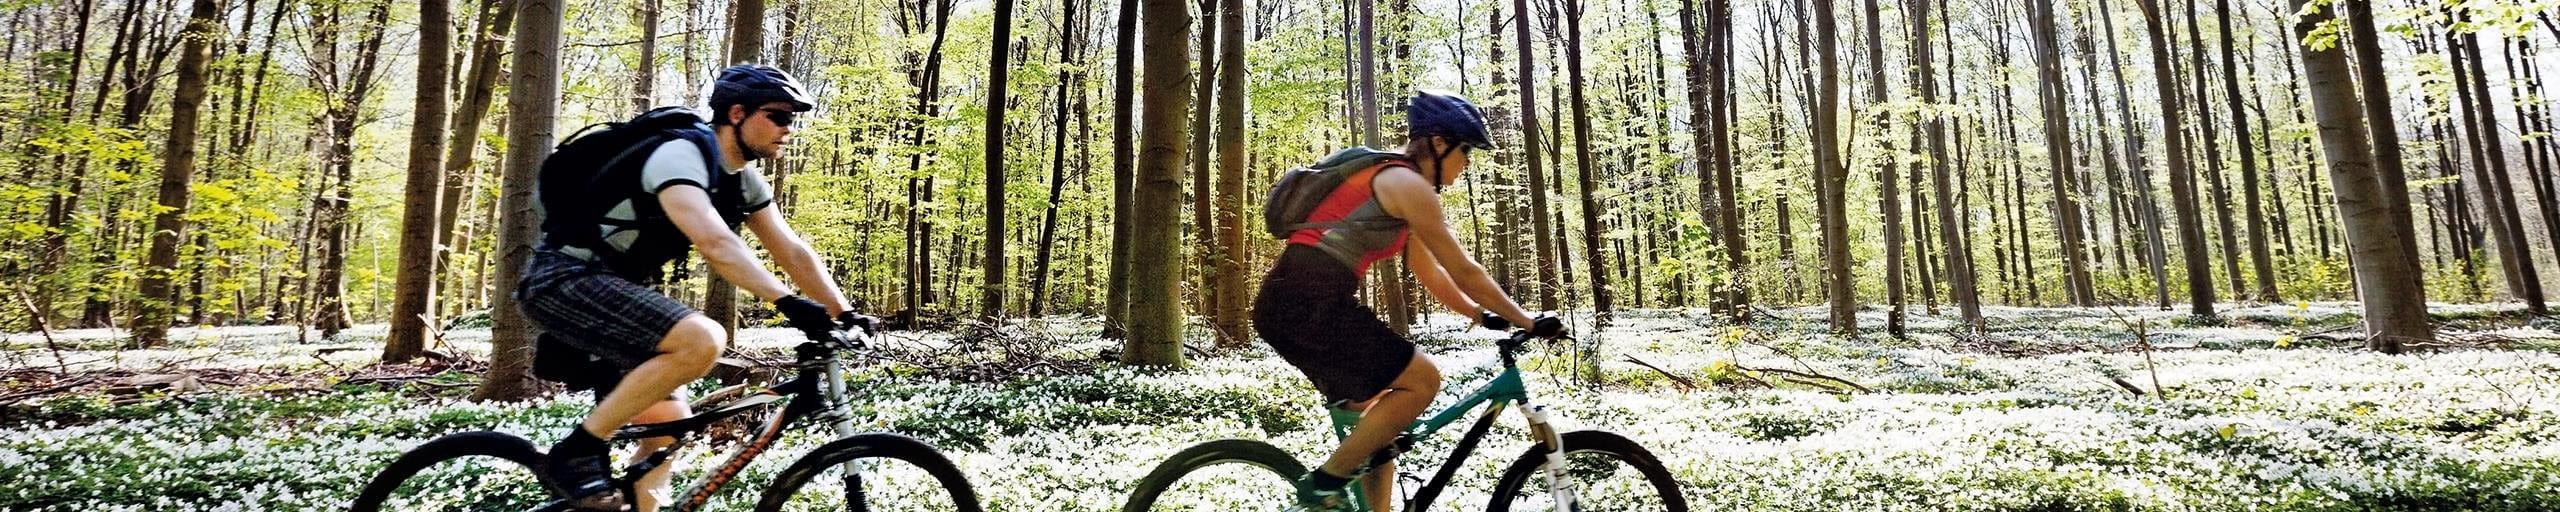 Diebstahl Aus Zelt Versicherung : Bike versicherung zurich schweiz